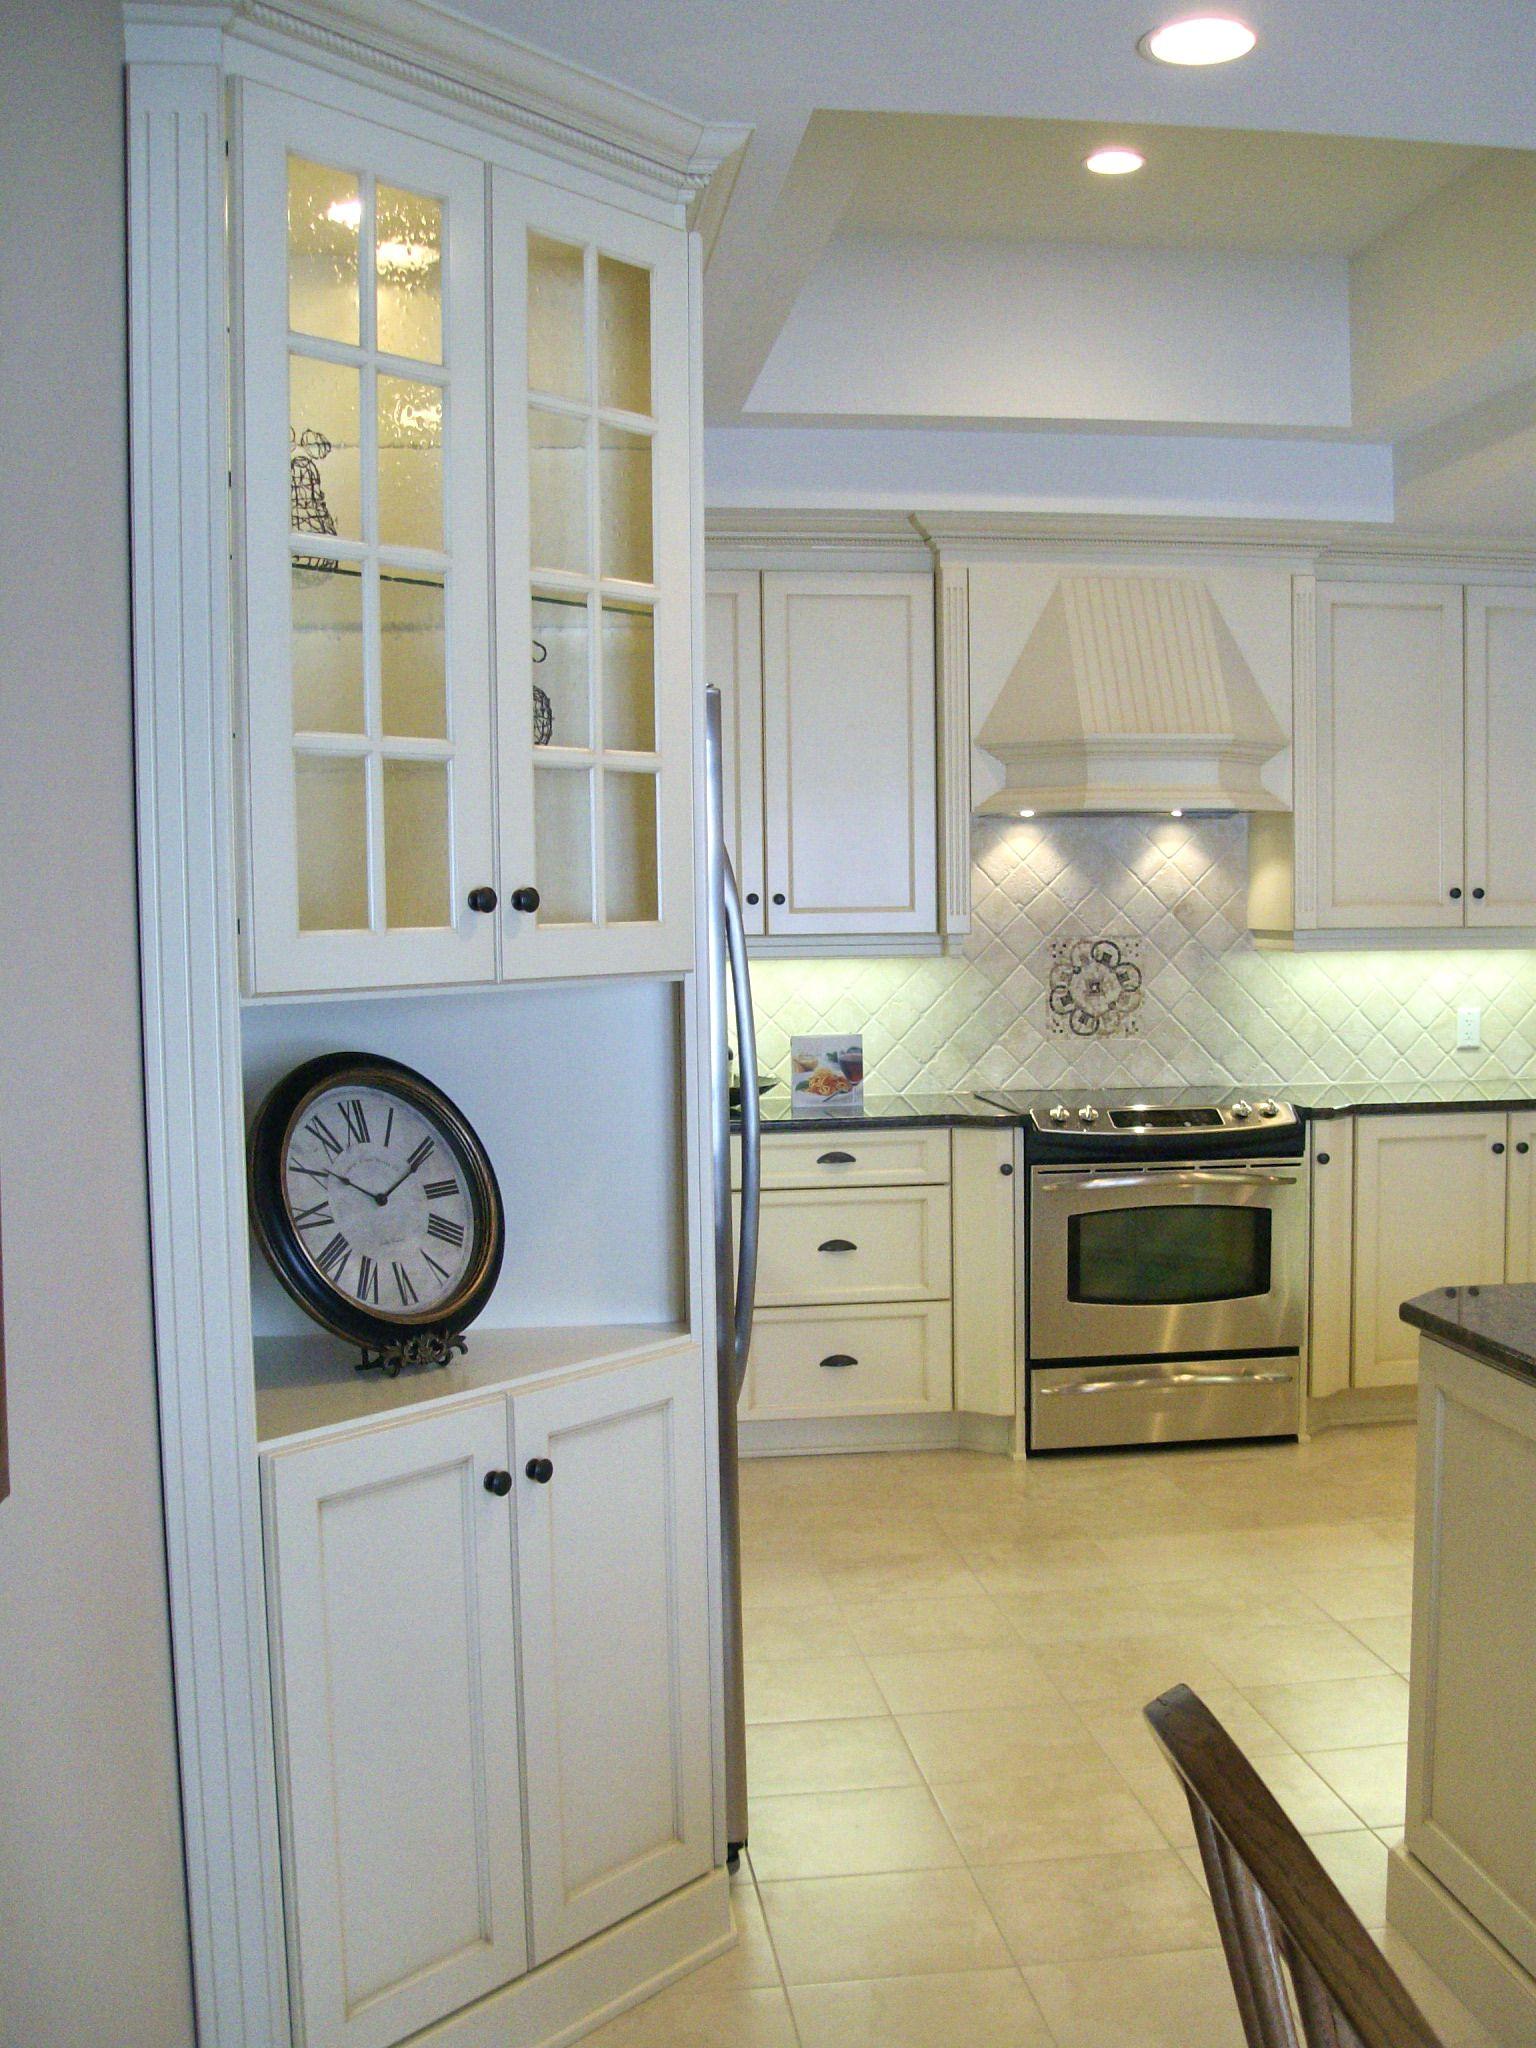 White Kitchen Cabinets With Uba Tuba Granite / Uba Tuba ...